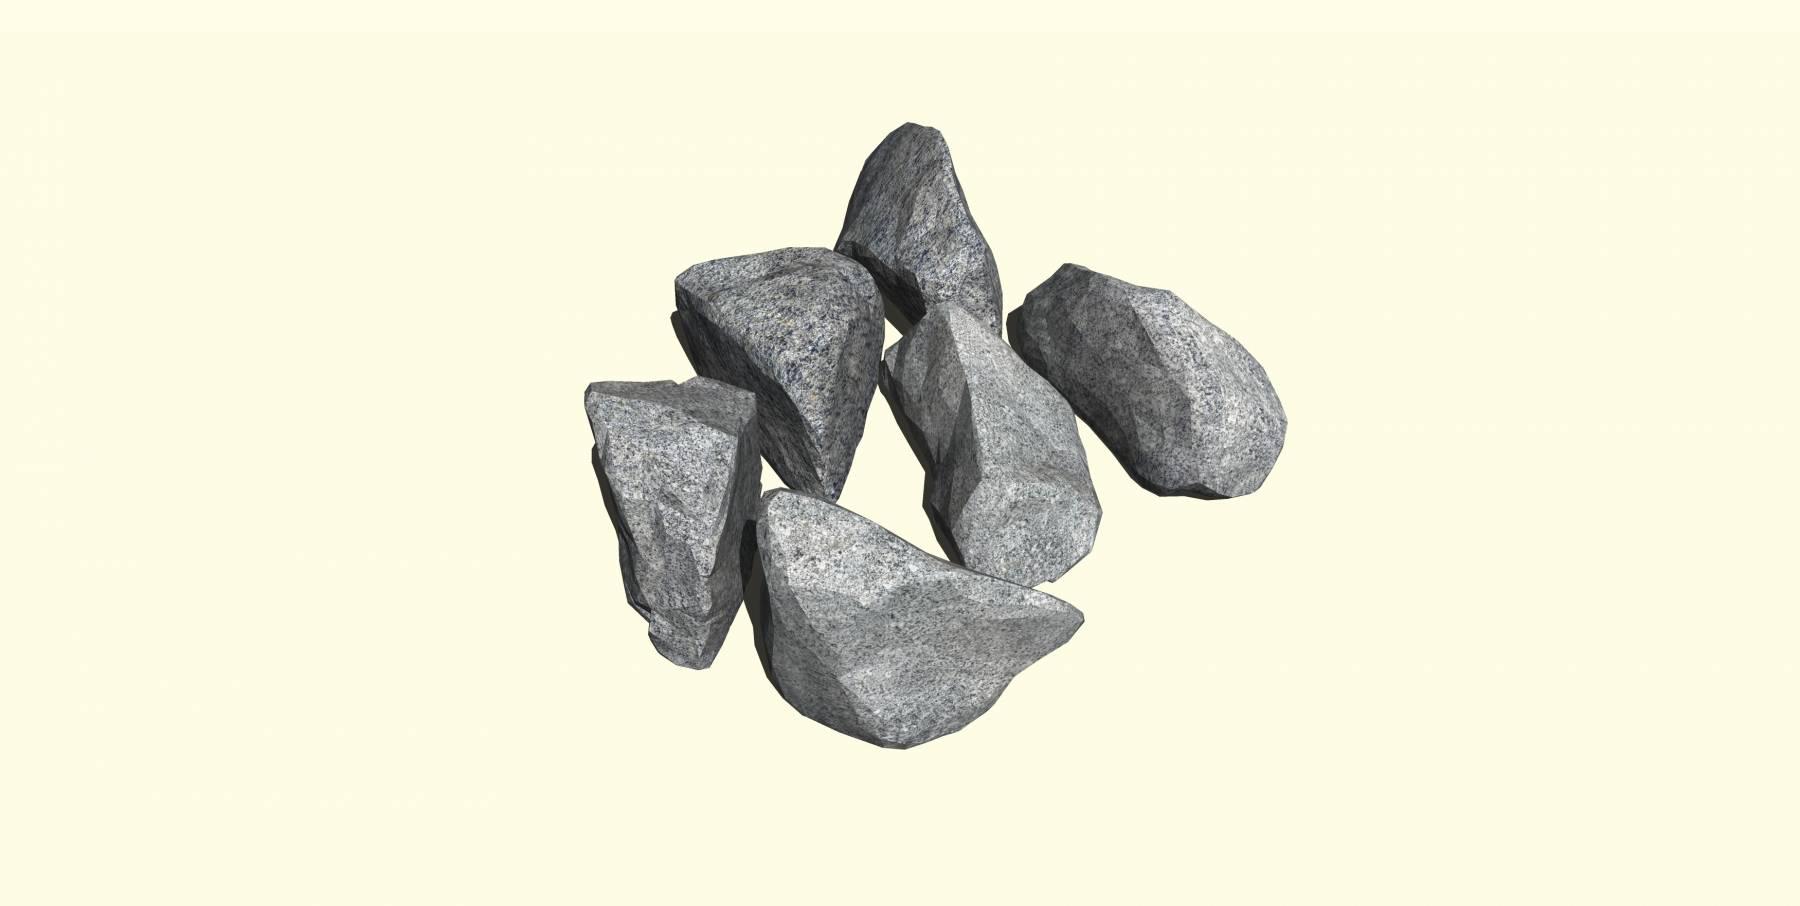 石头模型i